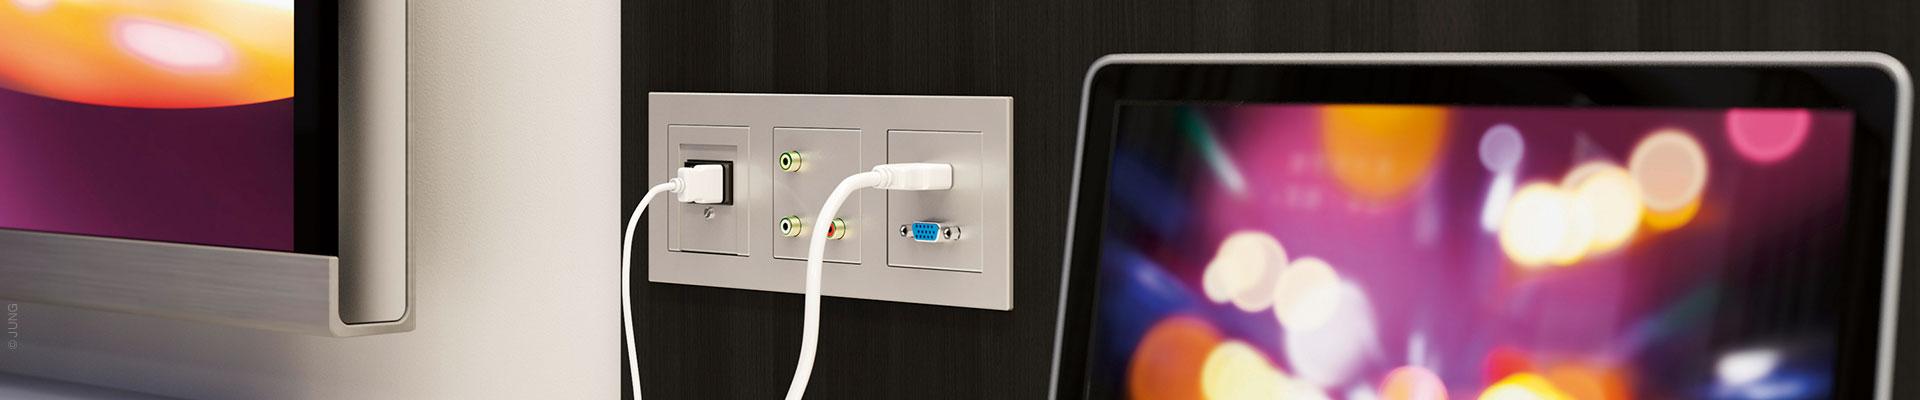 Elektrotechnik und Kommunikationstechnik im Haus